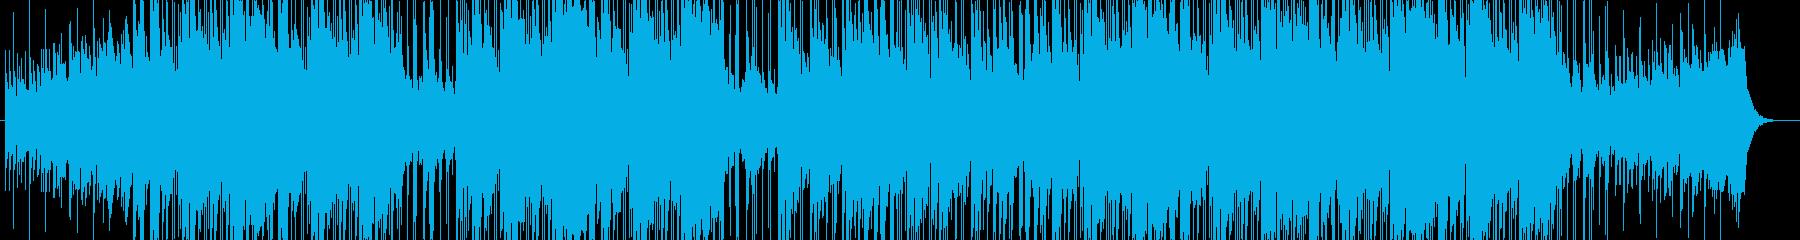 爽やか・ピアノ・オープニング・映像用の再生済みの波形